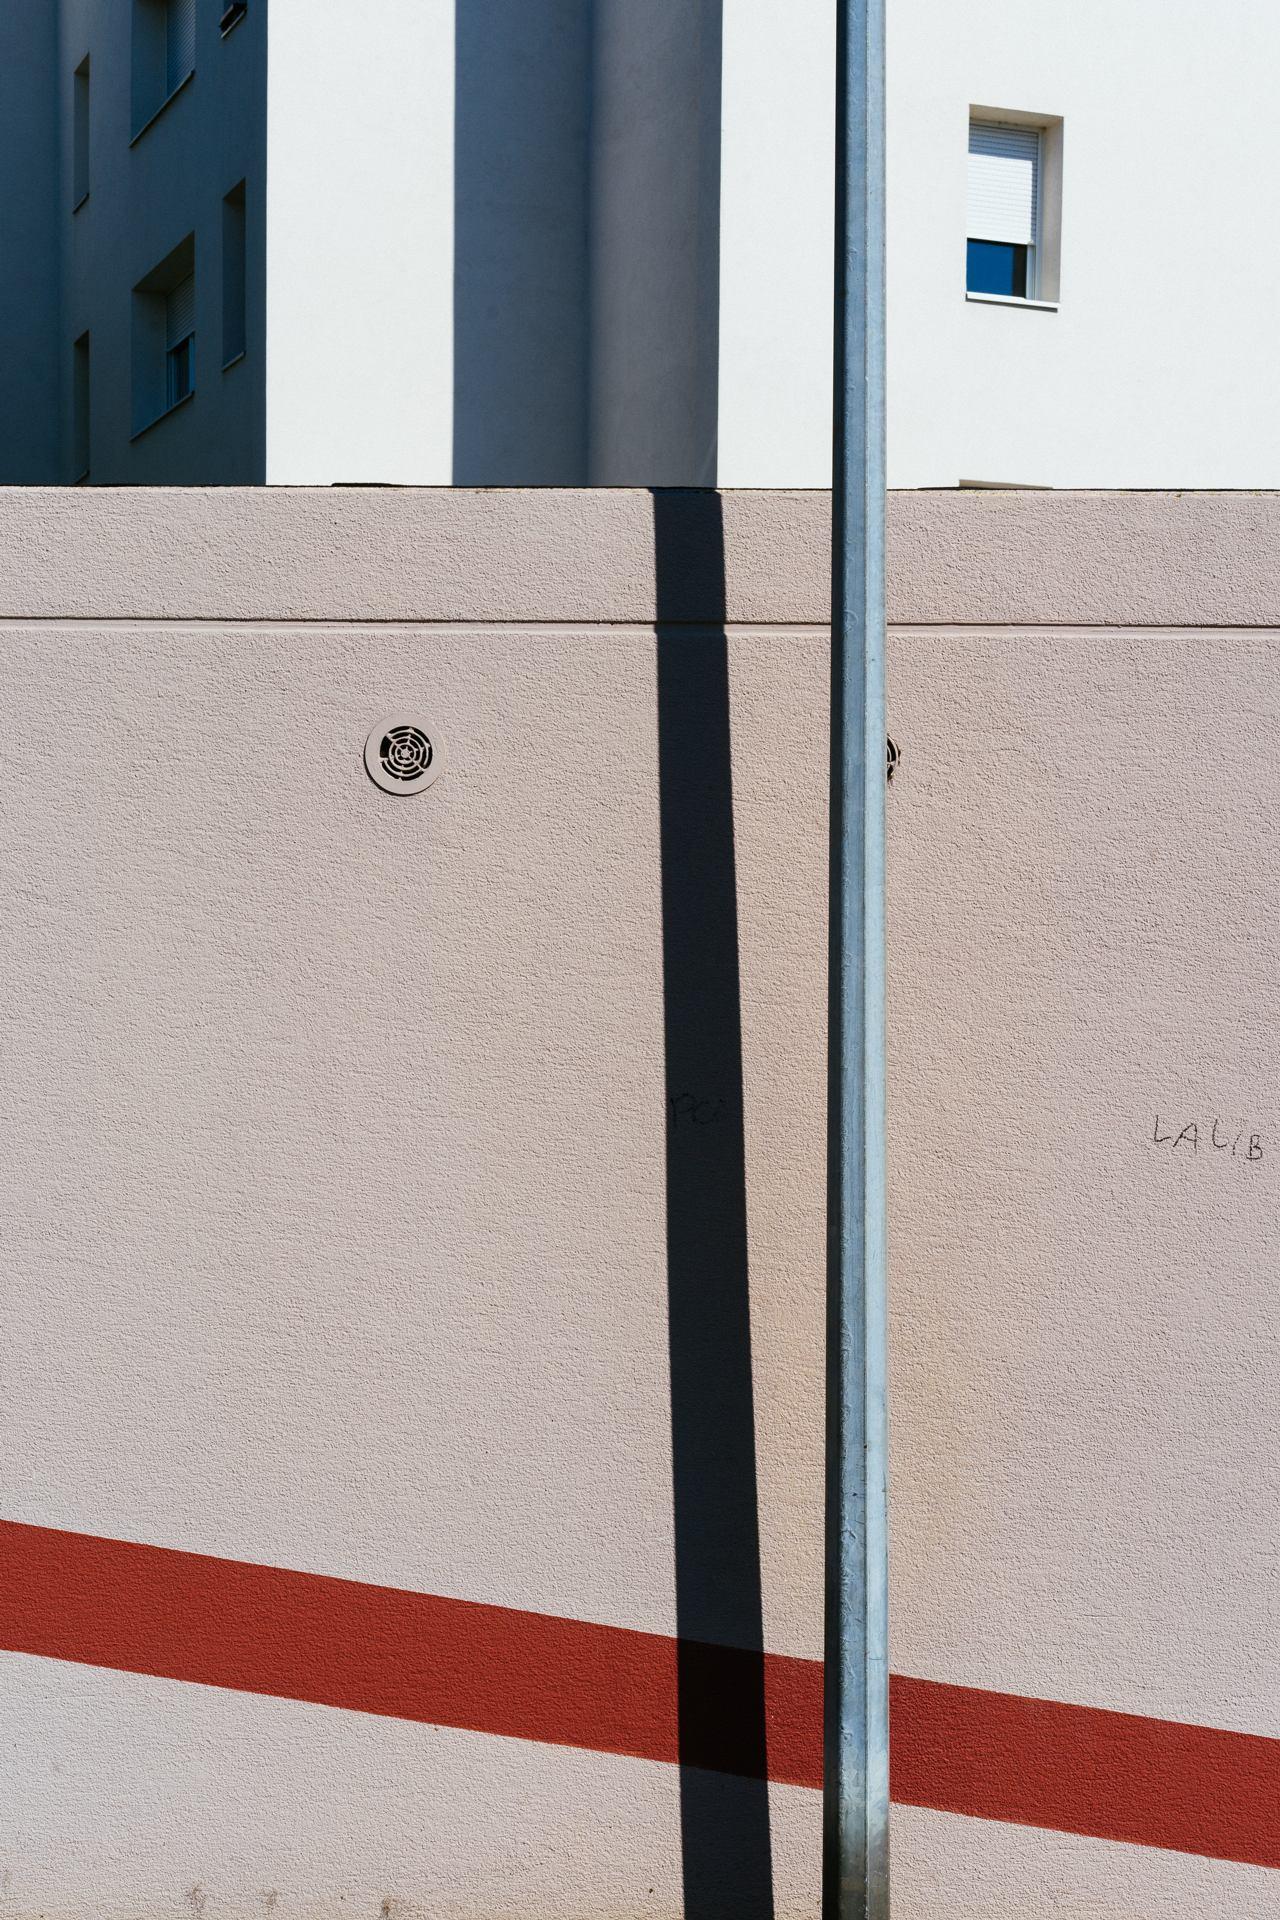 La Lib. Expressionnisme abstrait, prélevé dans la rue [série] n°1